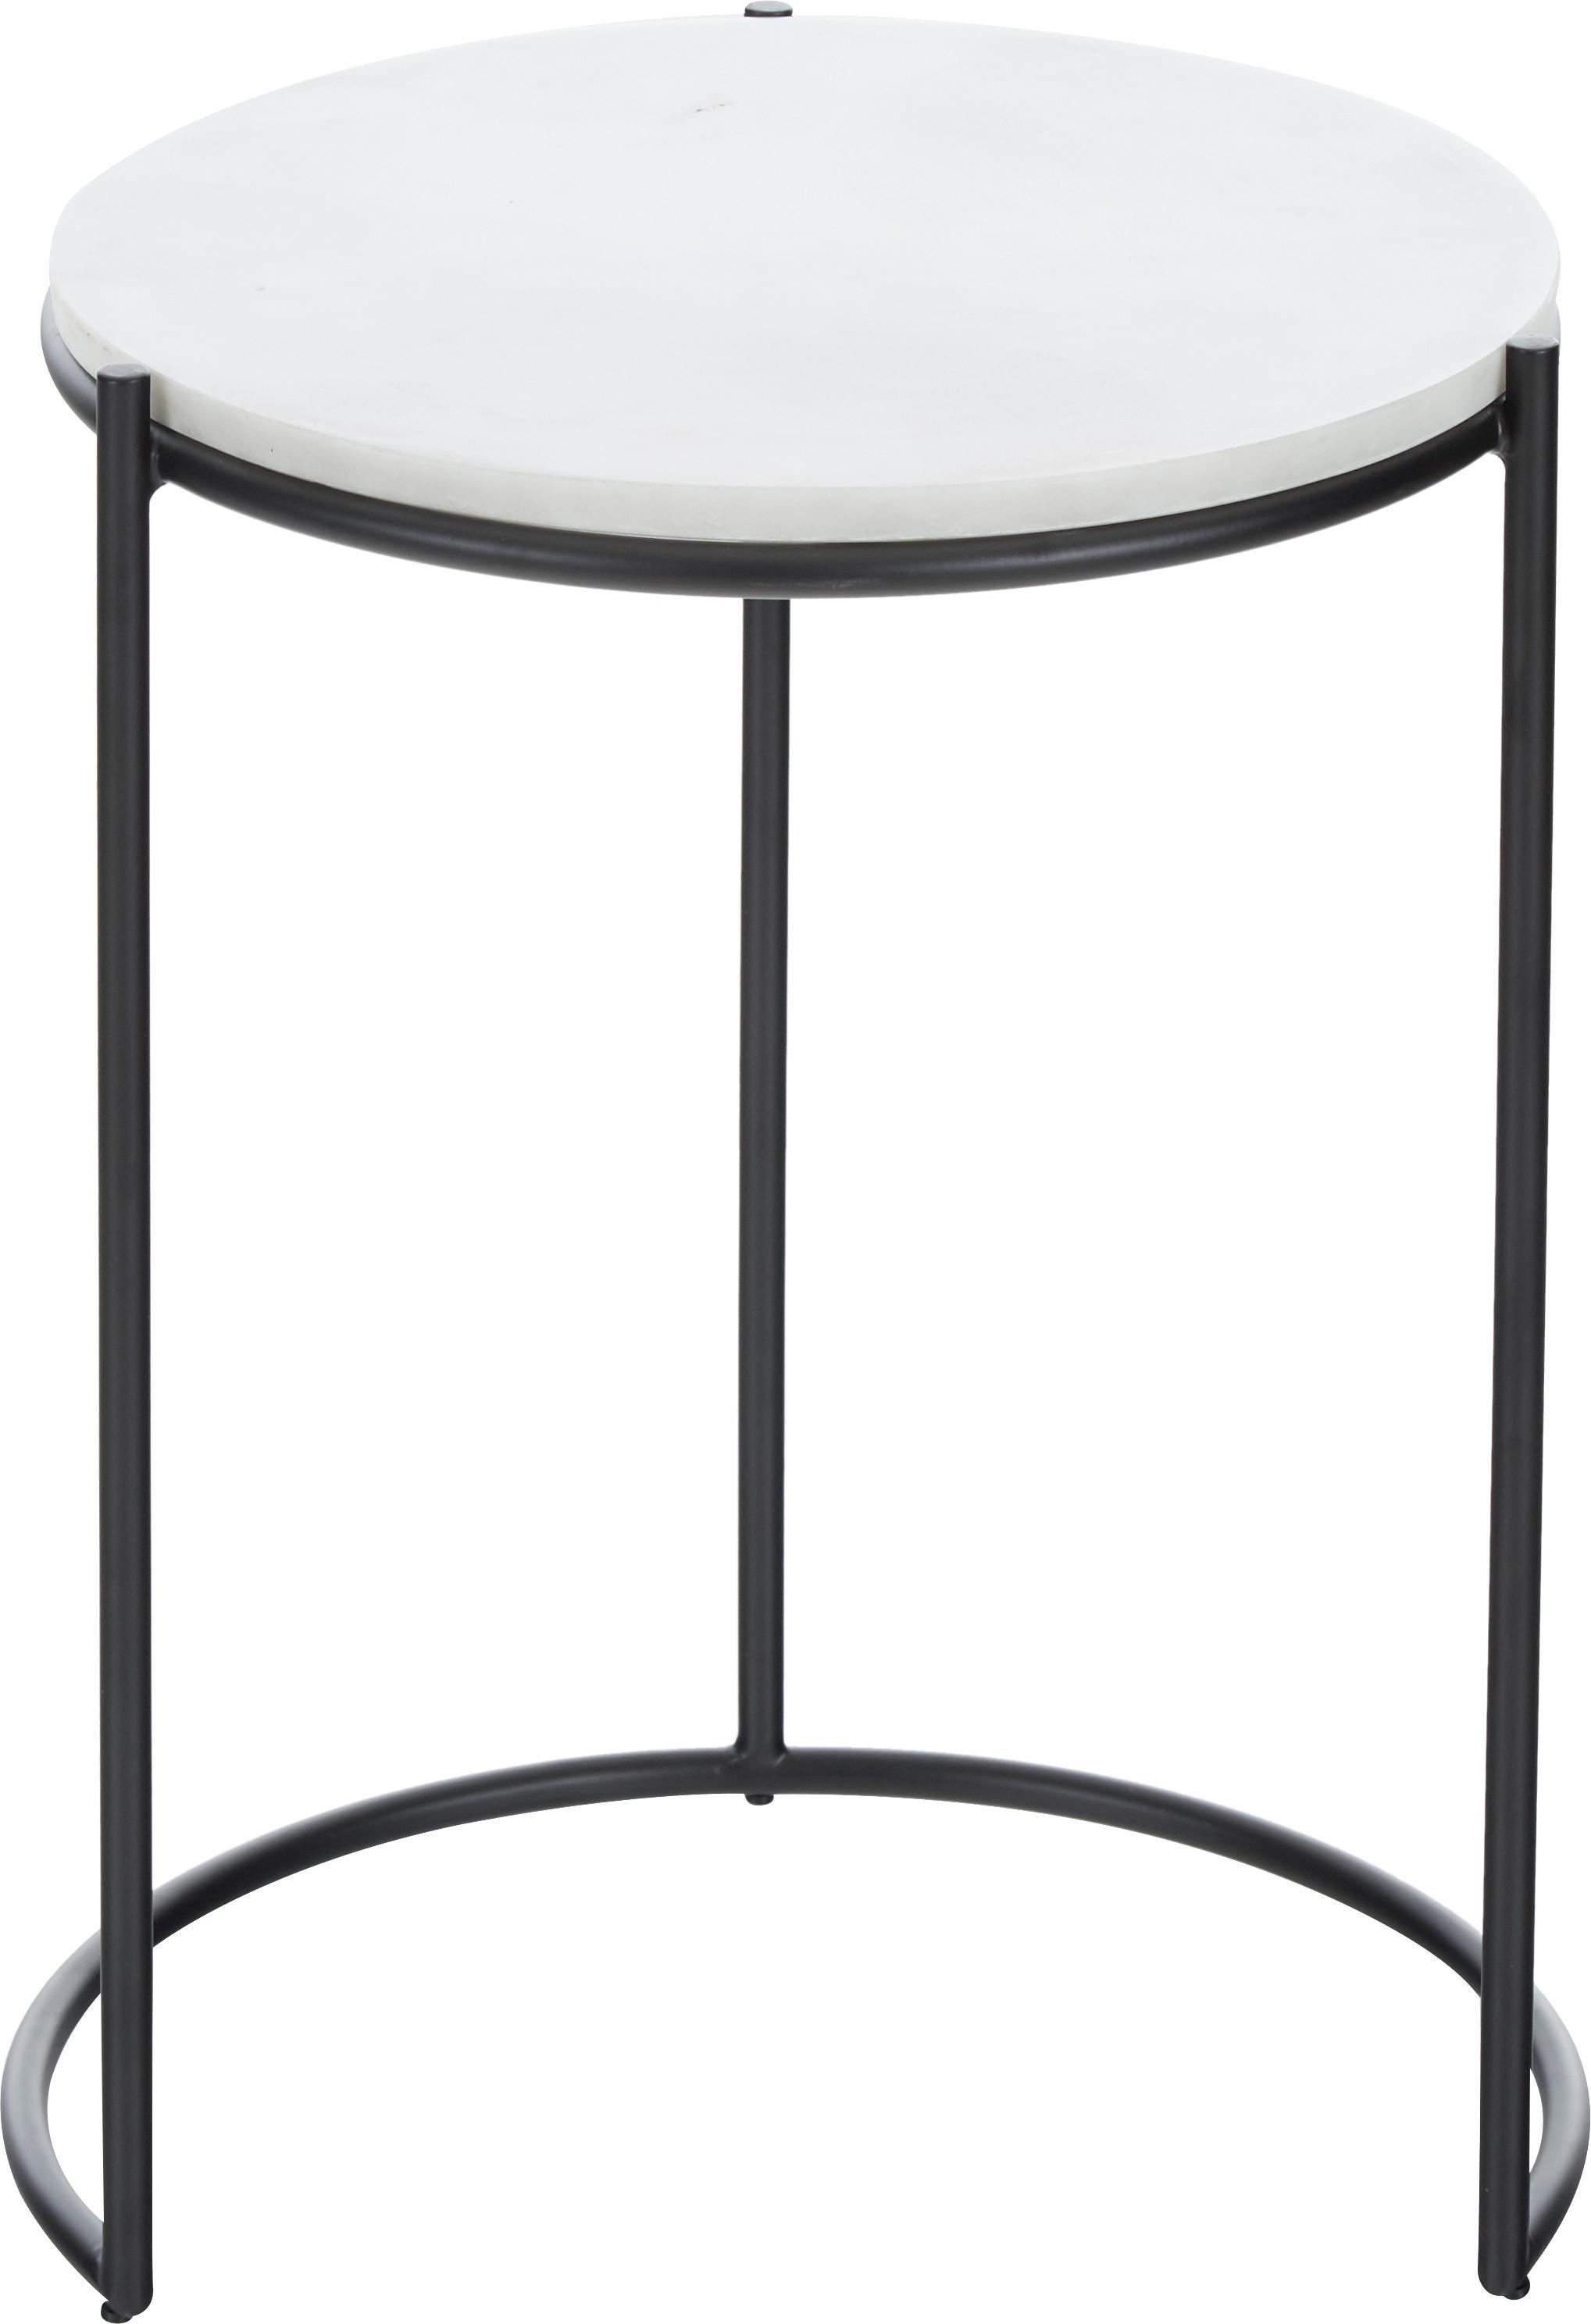 Set 2 tavolini con piano in marmo Ella, Ripiani: marmo, Struttura: metallo verniciato a polv, Ripiani: marmo bianco Struttura: nero opaco, Set in varie misure